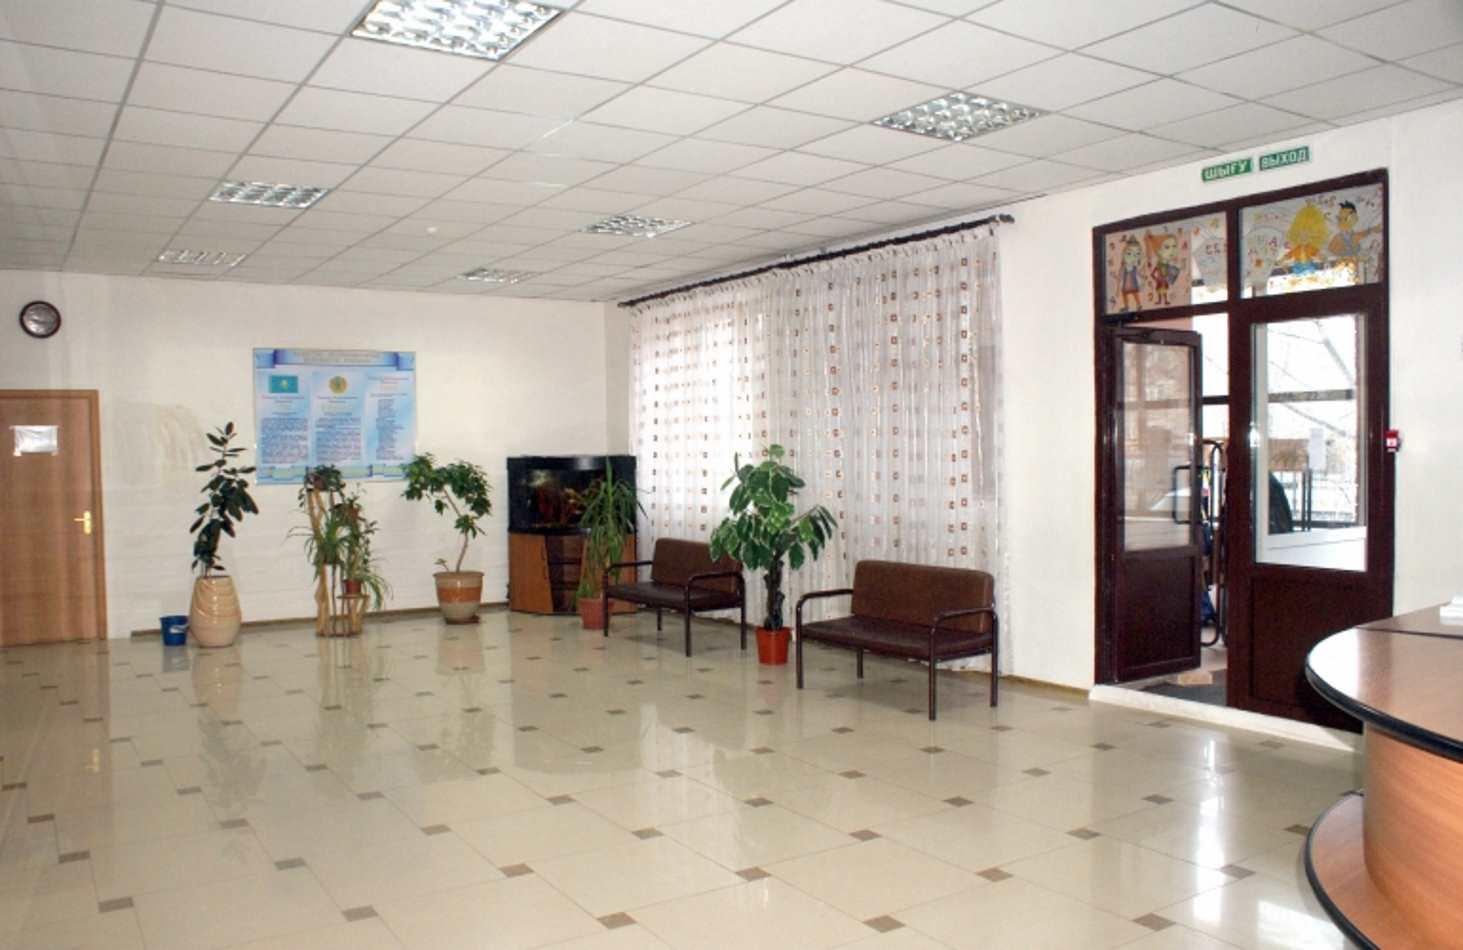 v-murmanskoj-shkole-roditelyam-zapretili-hodit-bez-soprovozhdeniya